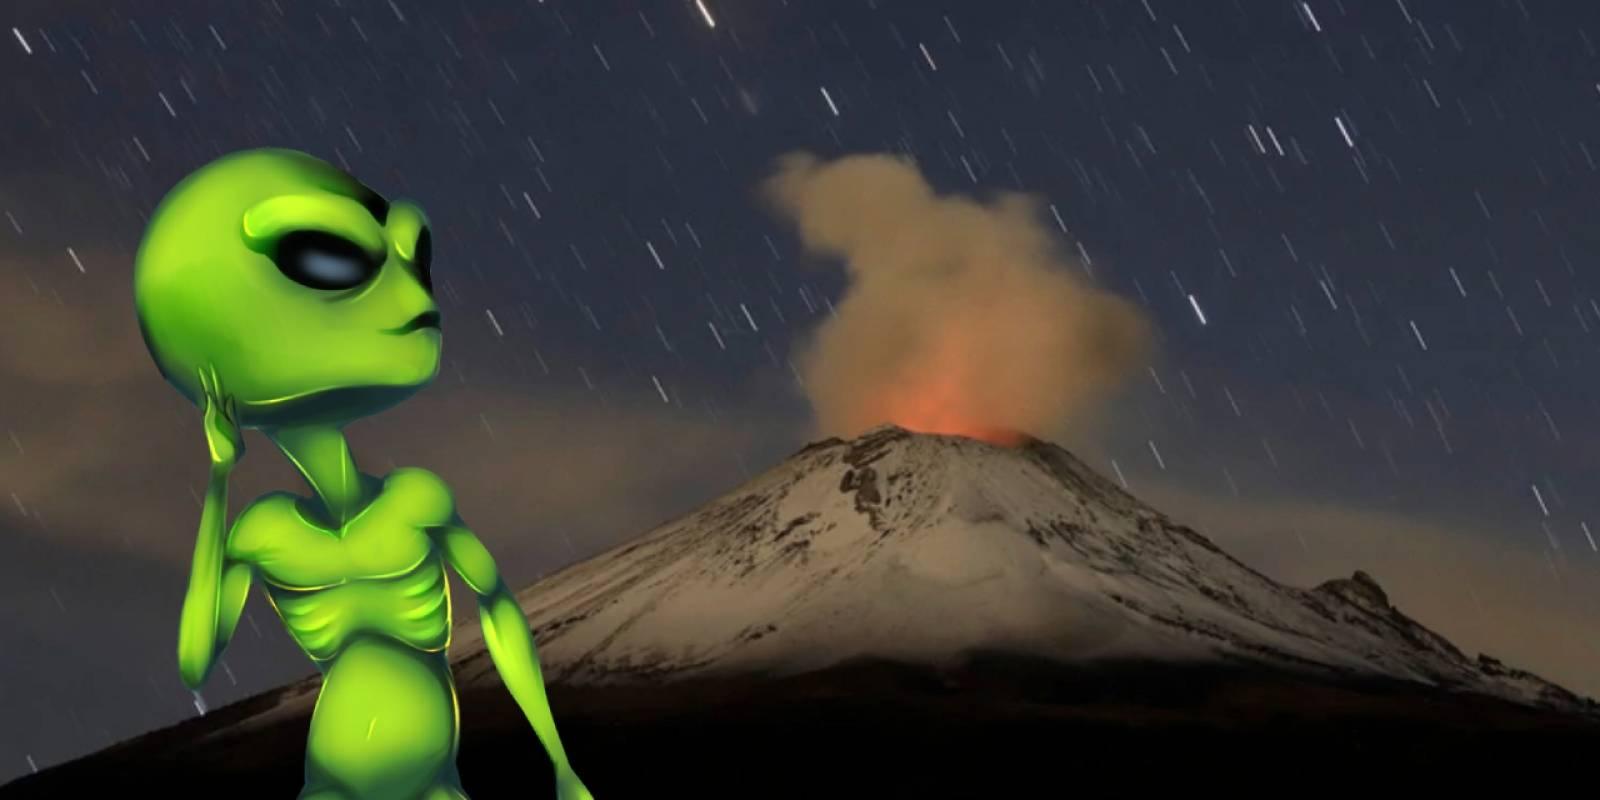 soñar con extraterrestres que numero juega